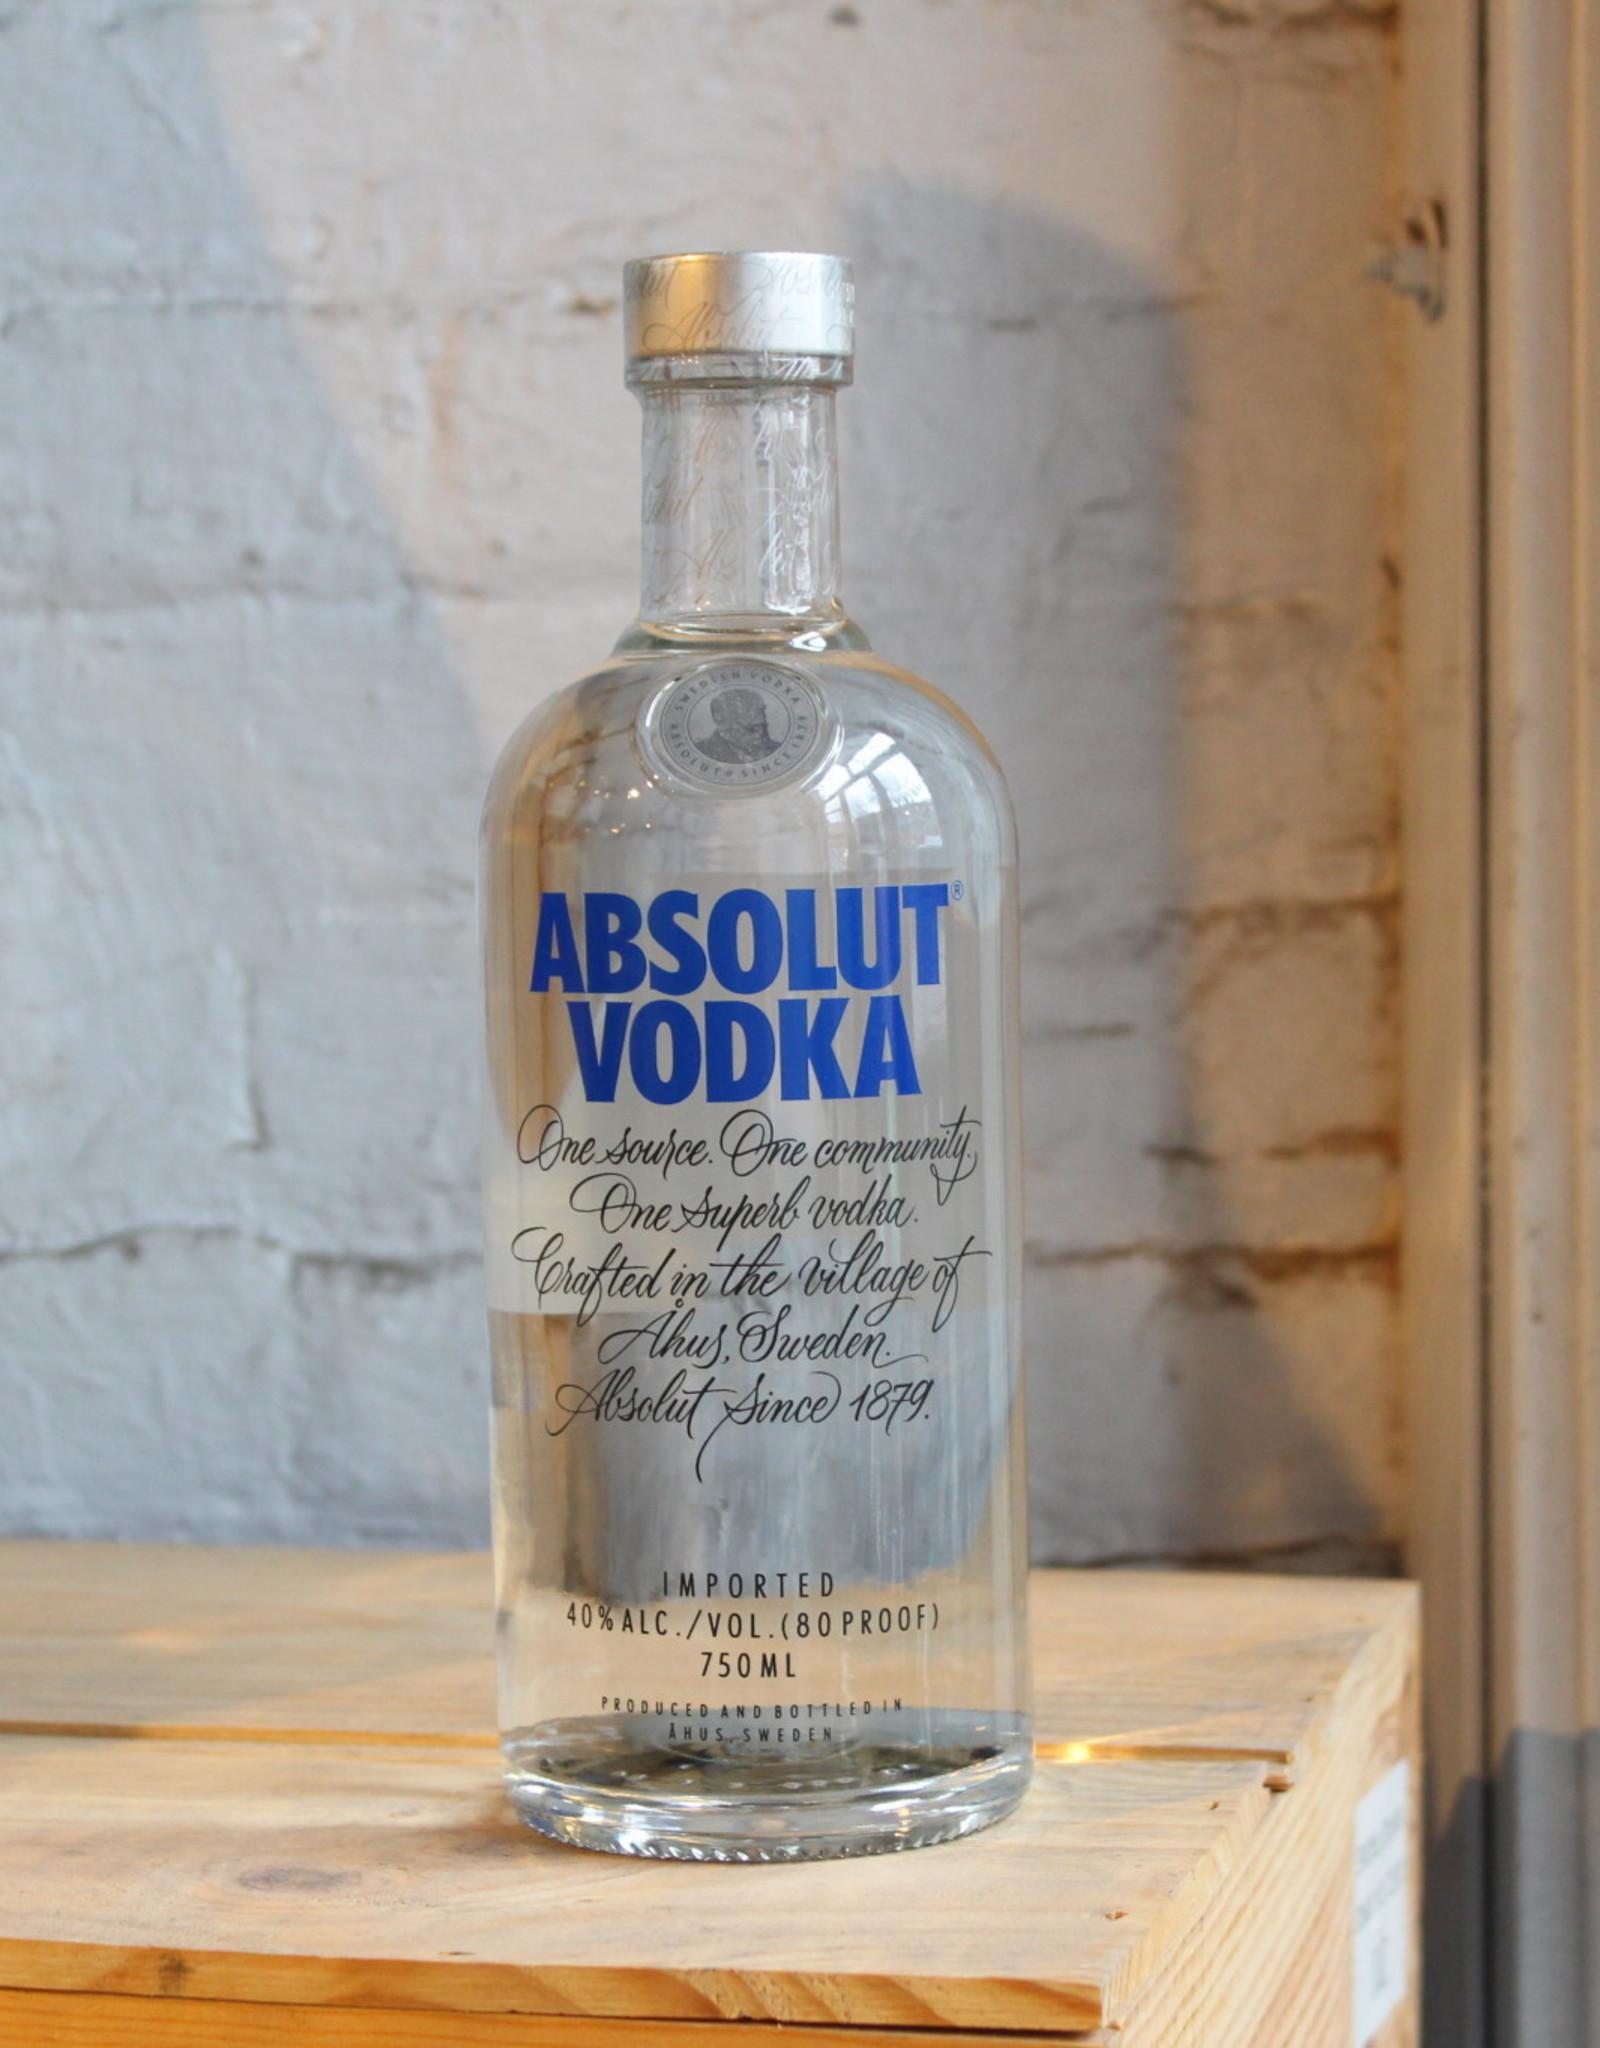 Absolut Vodka - Sweden (750ml)